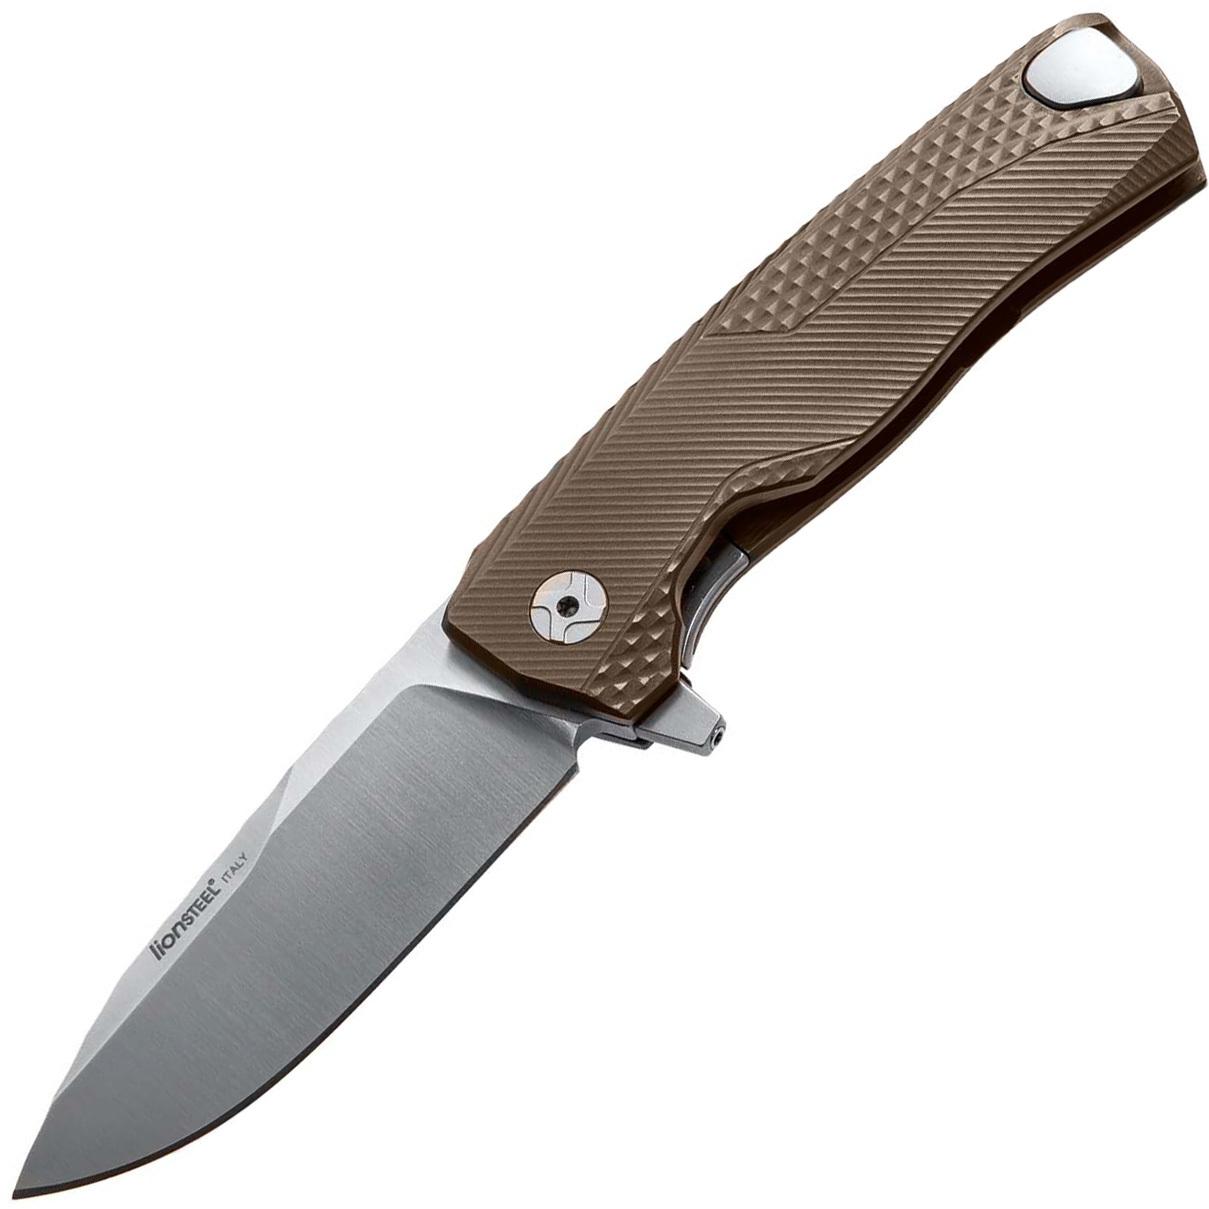 Фото - Нож складной LionSteel ROK B, сталь Bhler M390 Satin Finish, рукоять титан, бронзовый цвет от Lion Steel